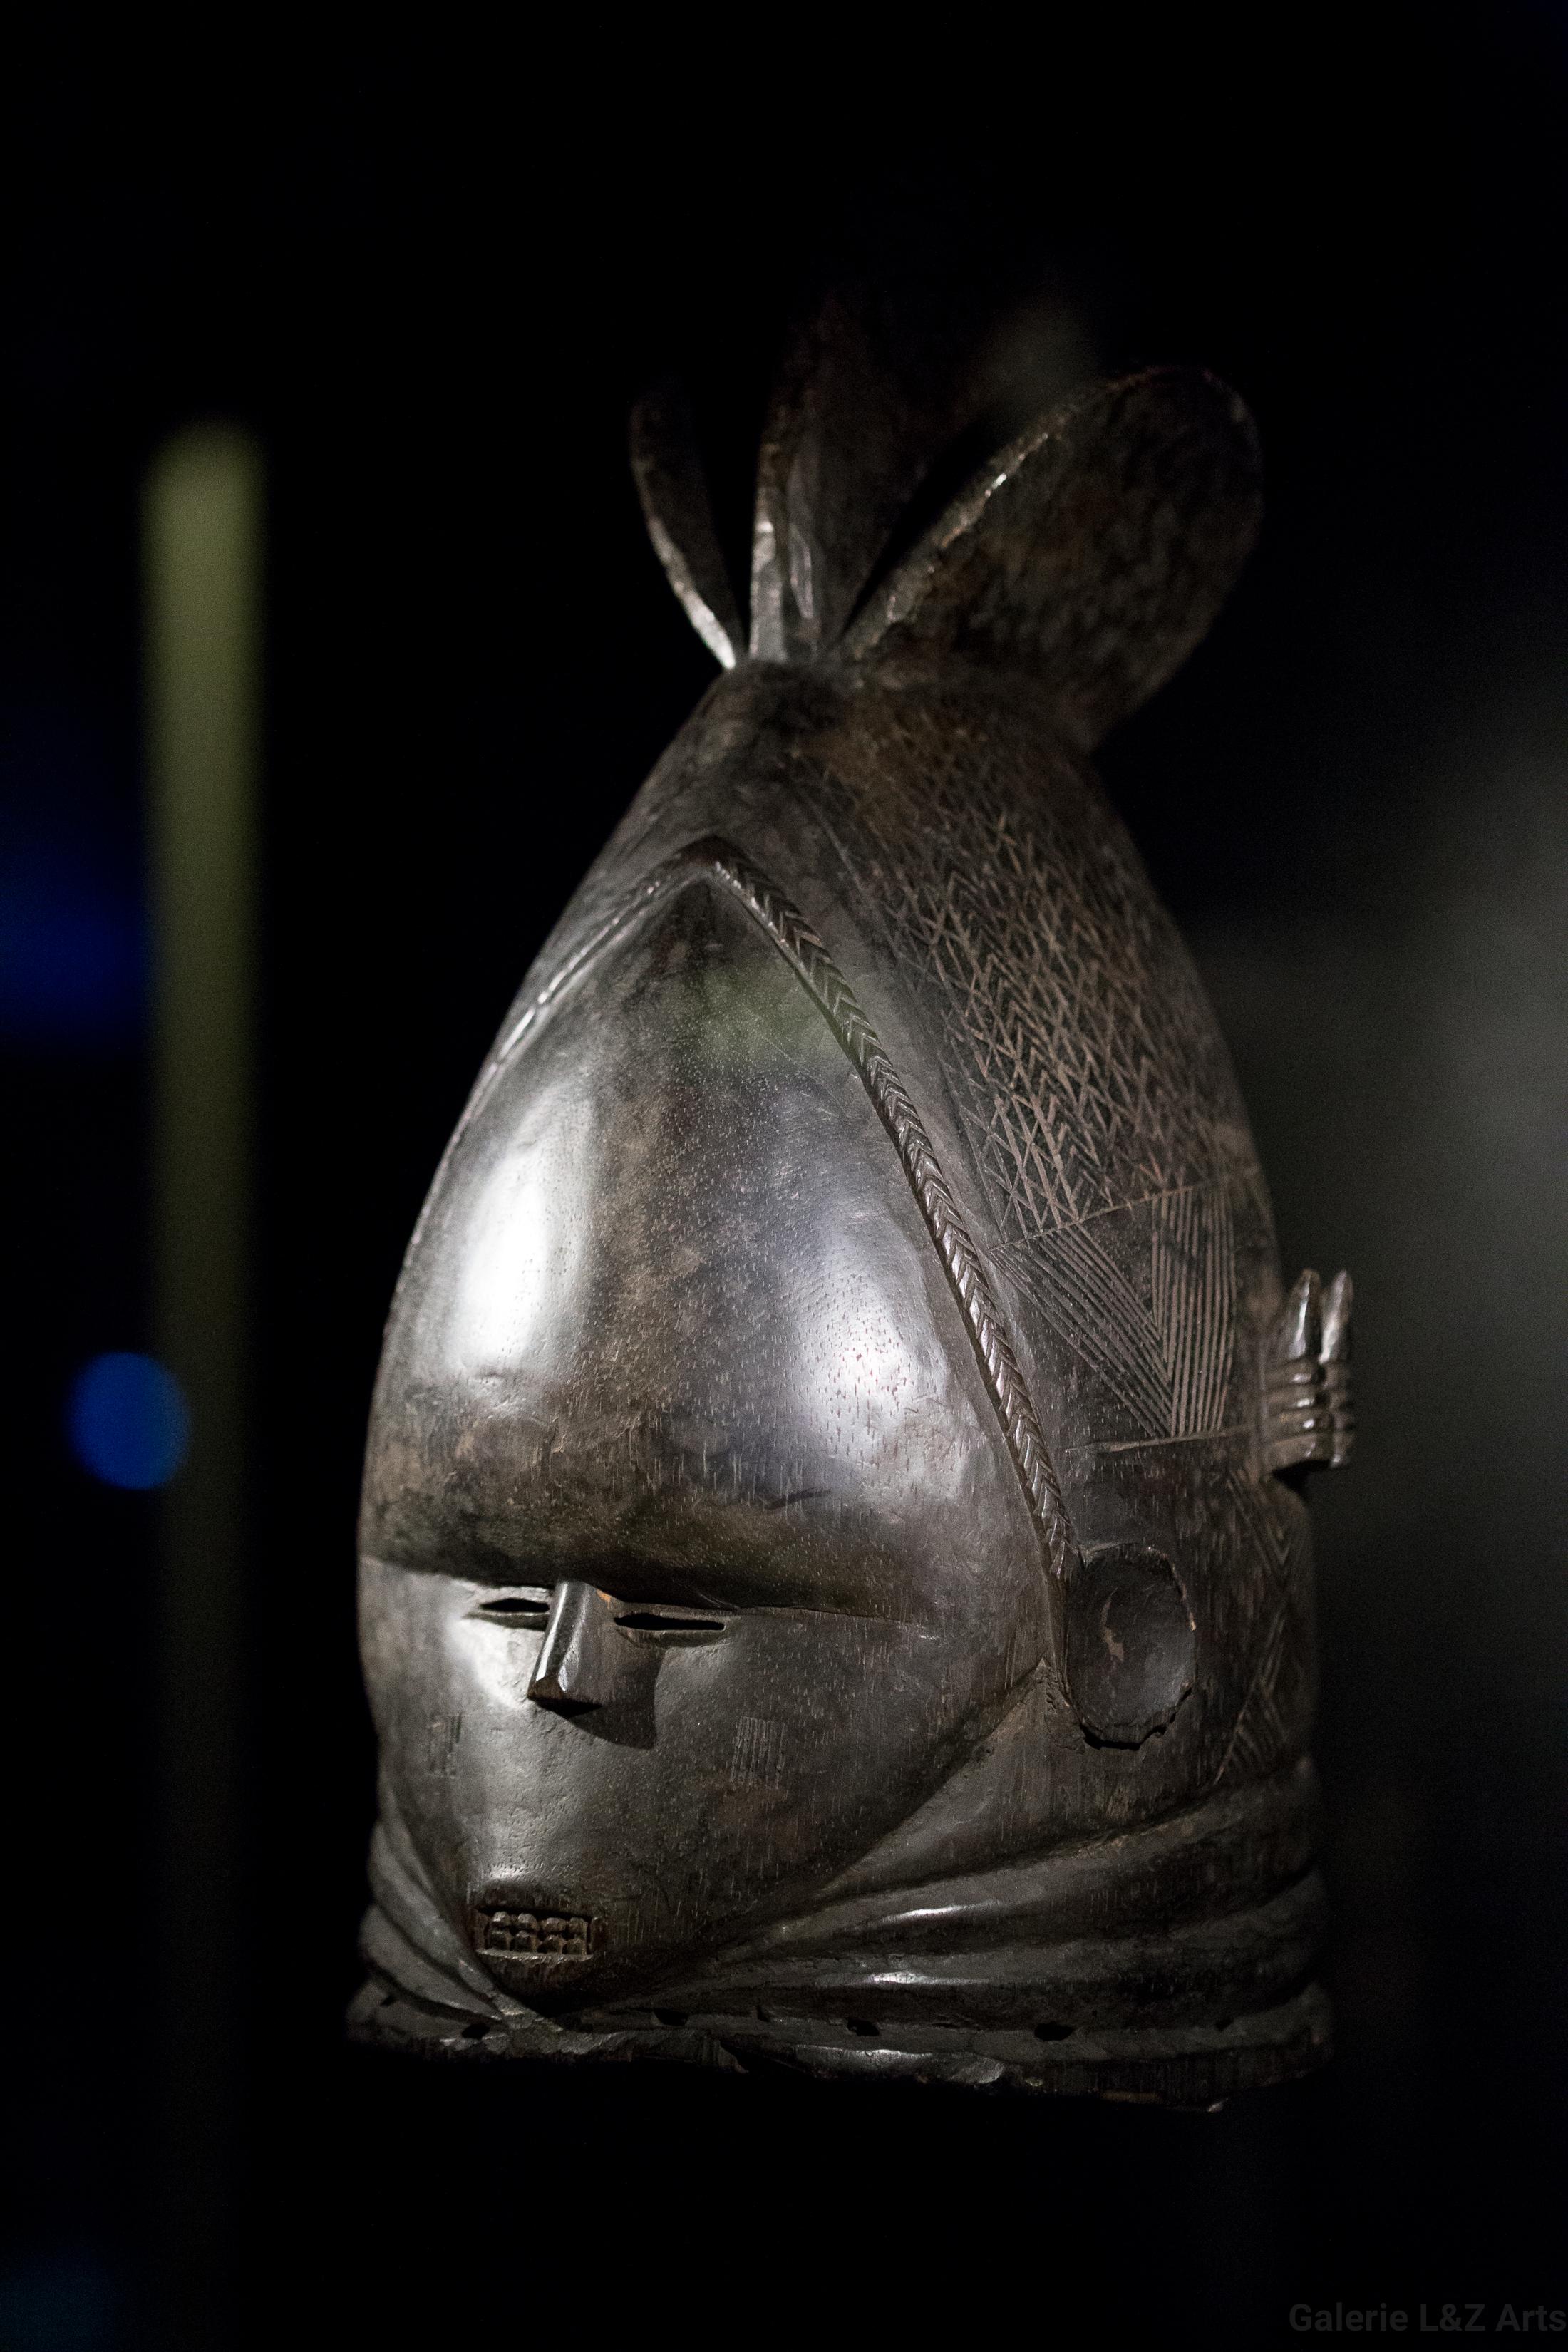 exposition-masque-art-tribal-africain-musee-quai-branly-belgique-galerie-lz-arts-liege-cite-miroir-oceanie-asie-japon-amerique-art-premier-nepal-12.jpg